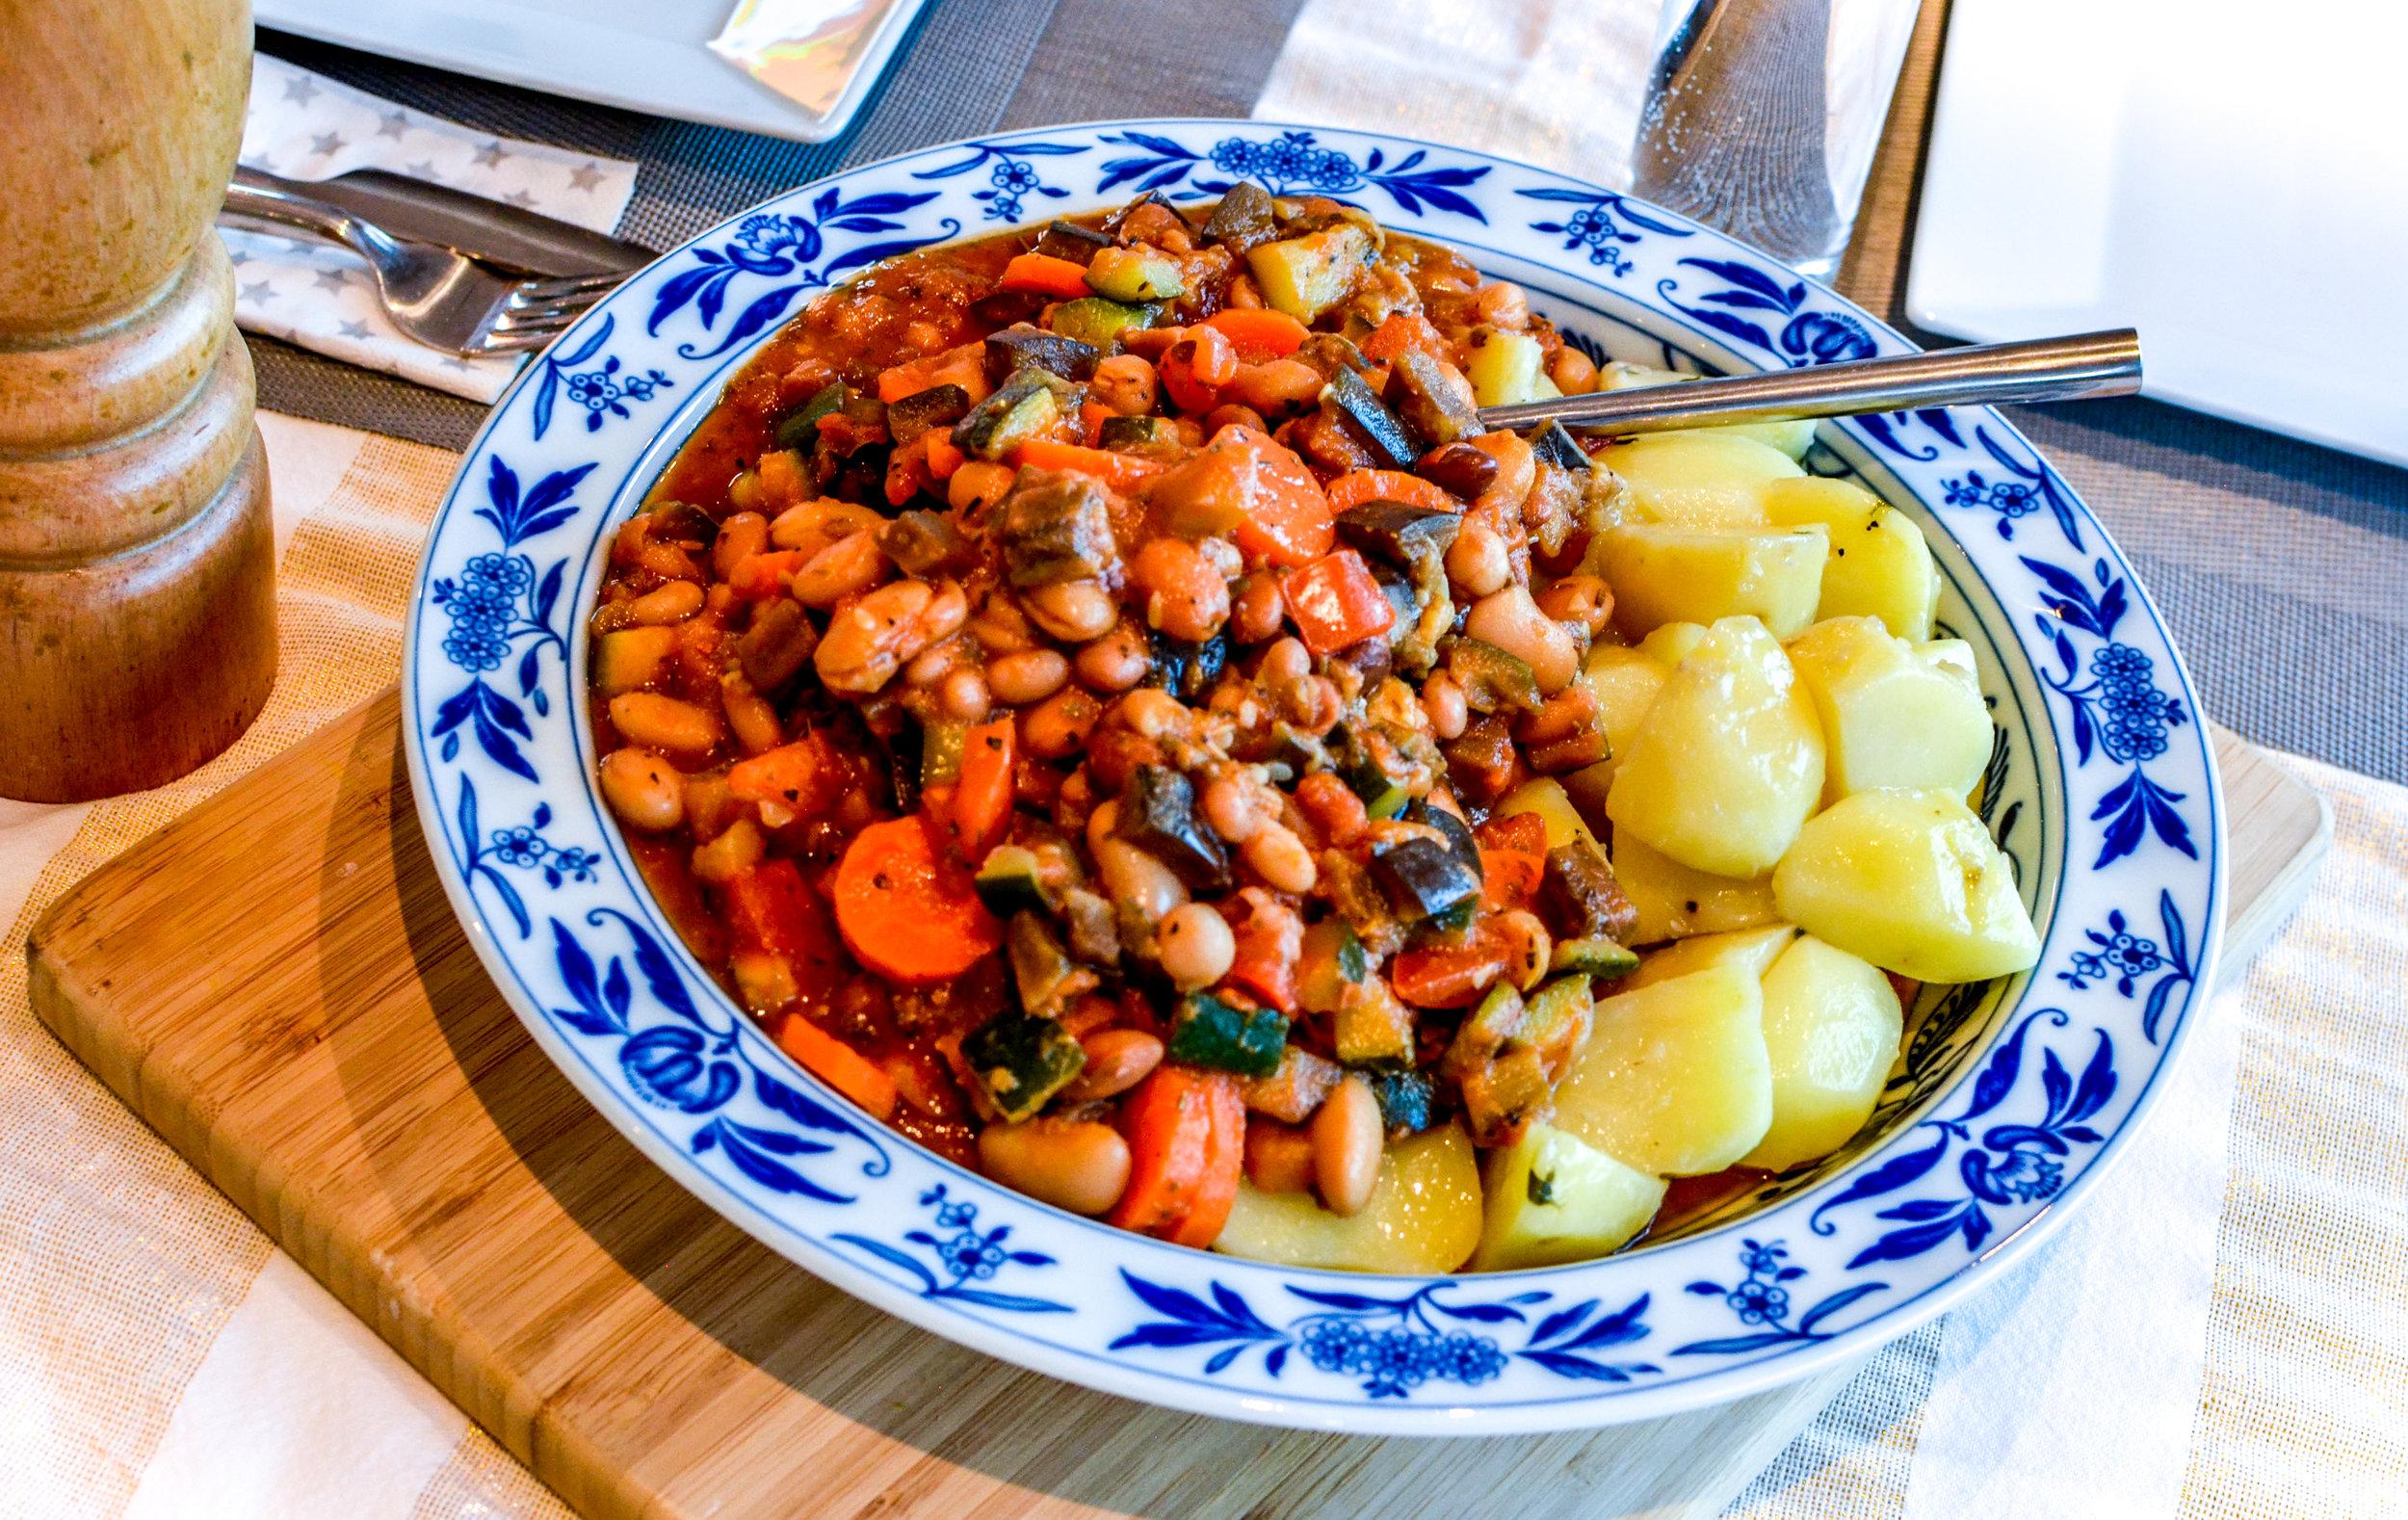 Meal 2 by Chef Guillian: Ratatouille (Aubergines, Tomates, Carottes, Courgette, Tomates pelées, Echalotes, Thym, Laurier, Herbes de Provences, mélange de légumineuses)